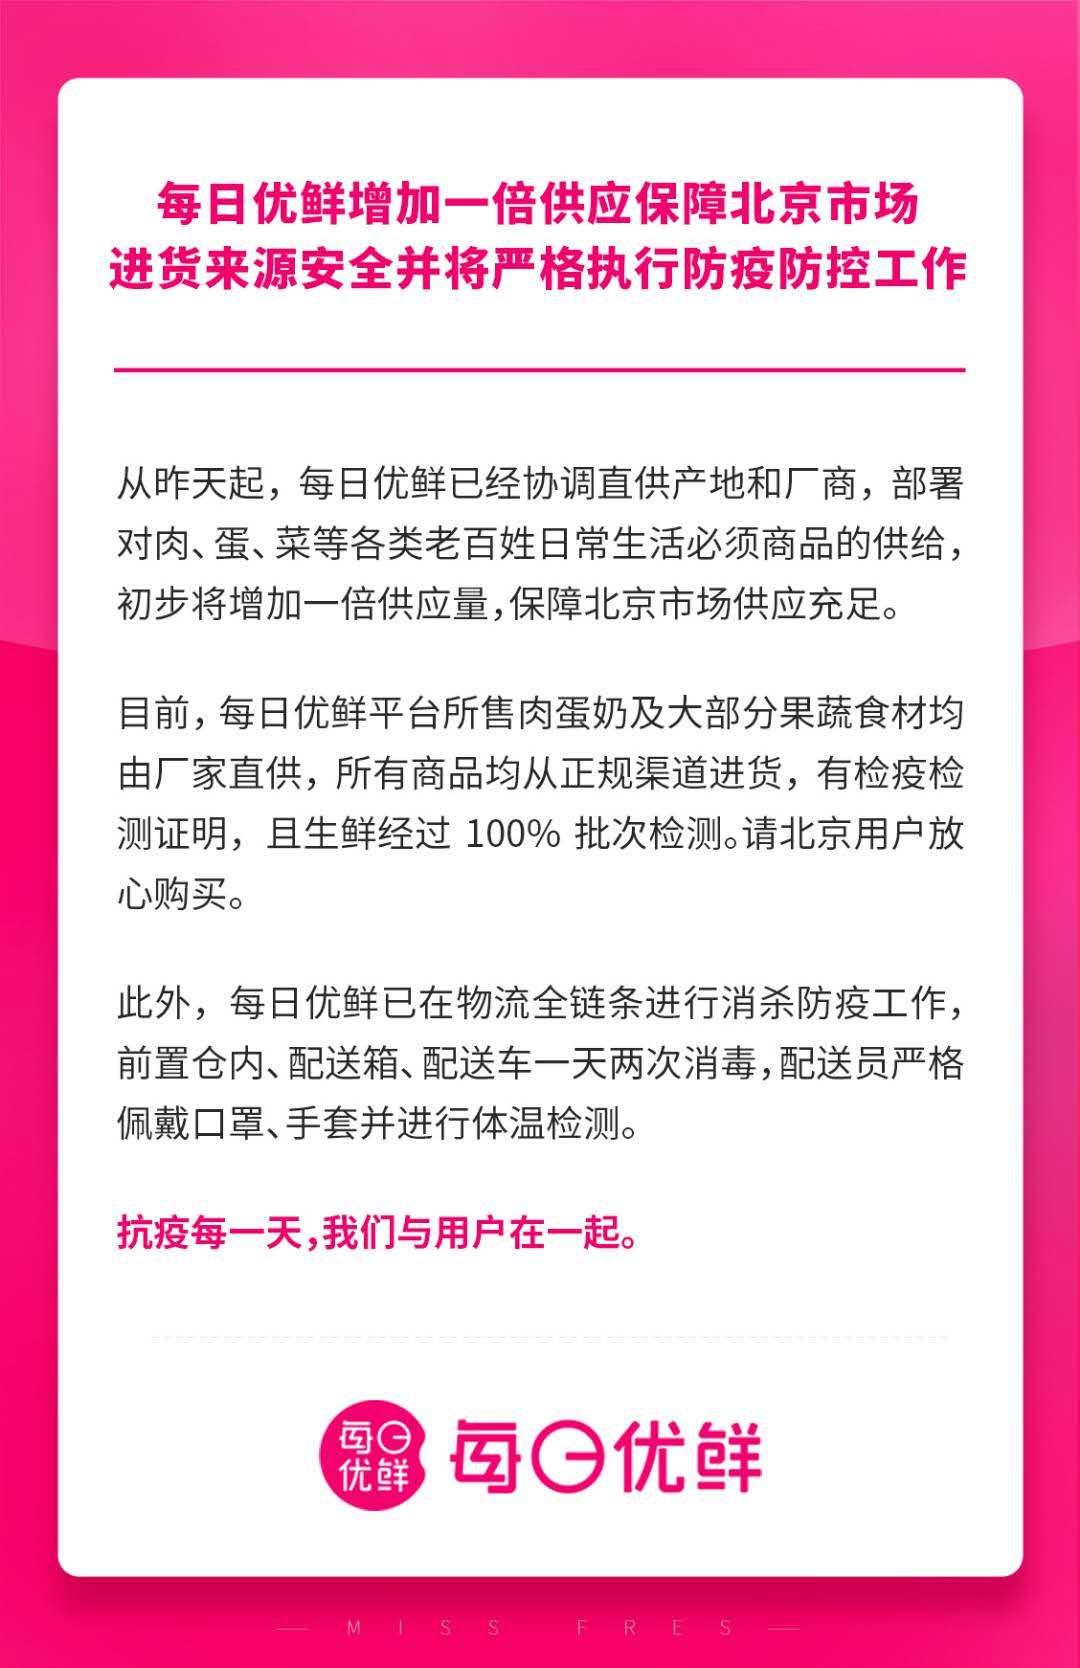 每日优鲜:增加1倍供应量保障北京市场图片